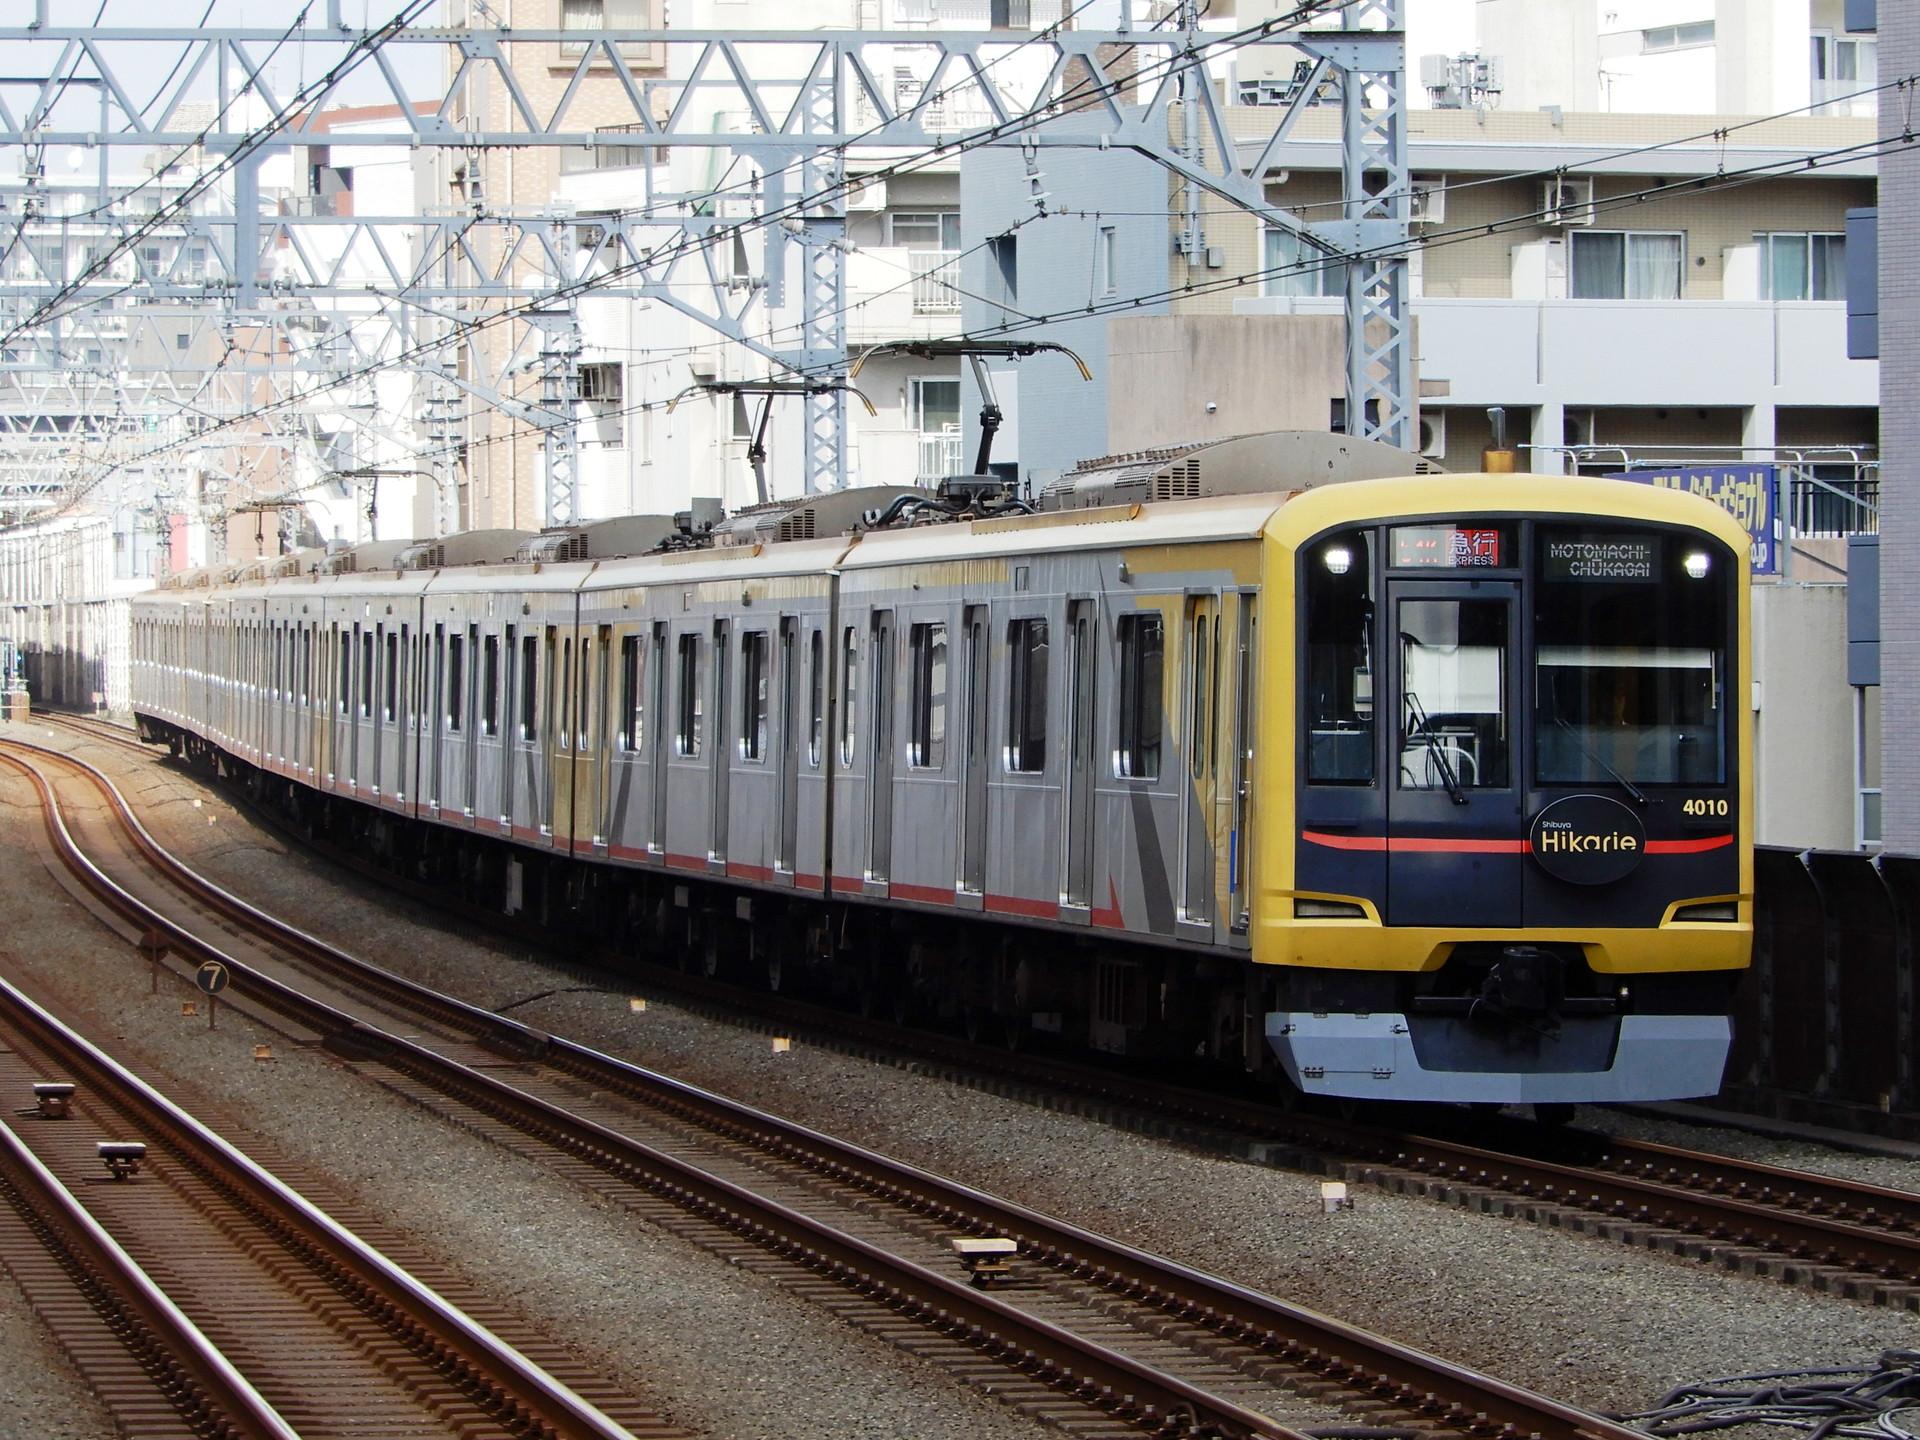 東急4000系4110編成のShibuyaHikarie号